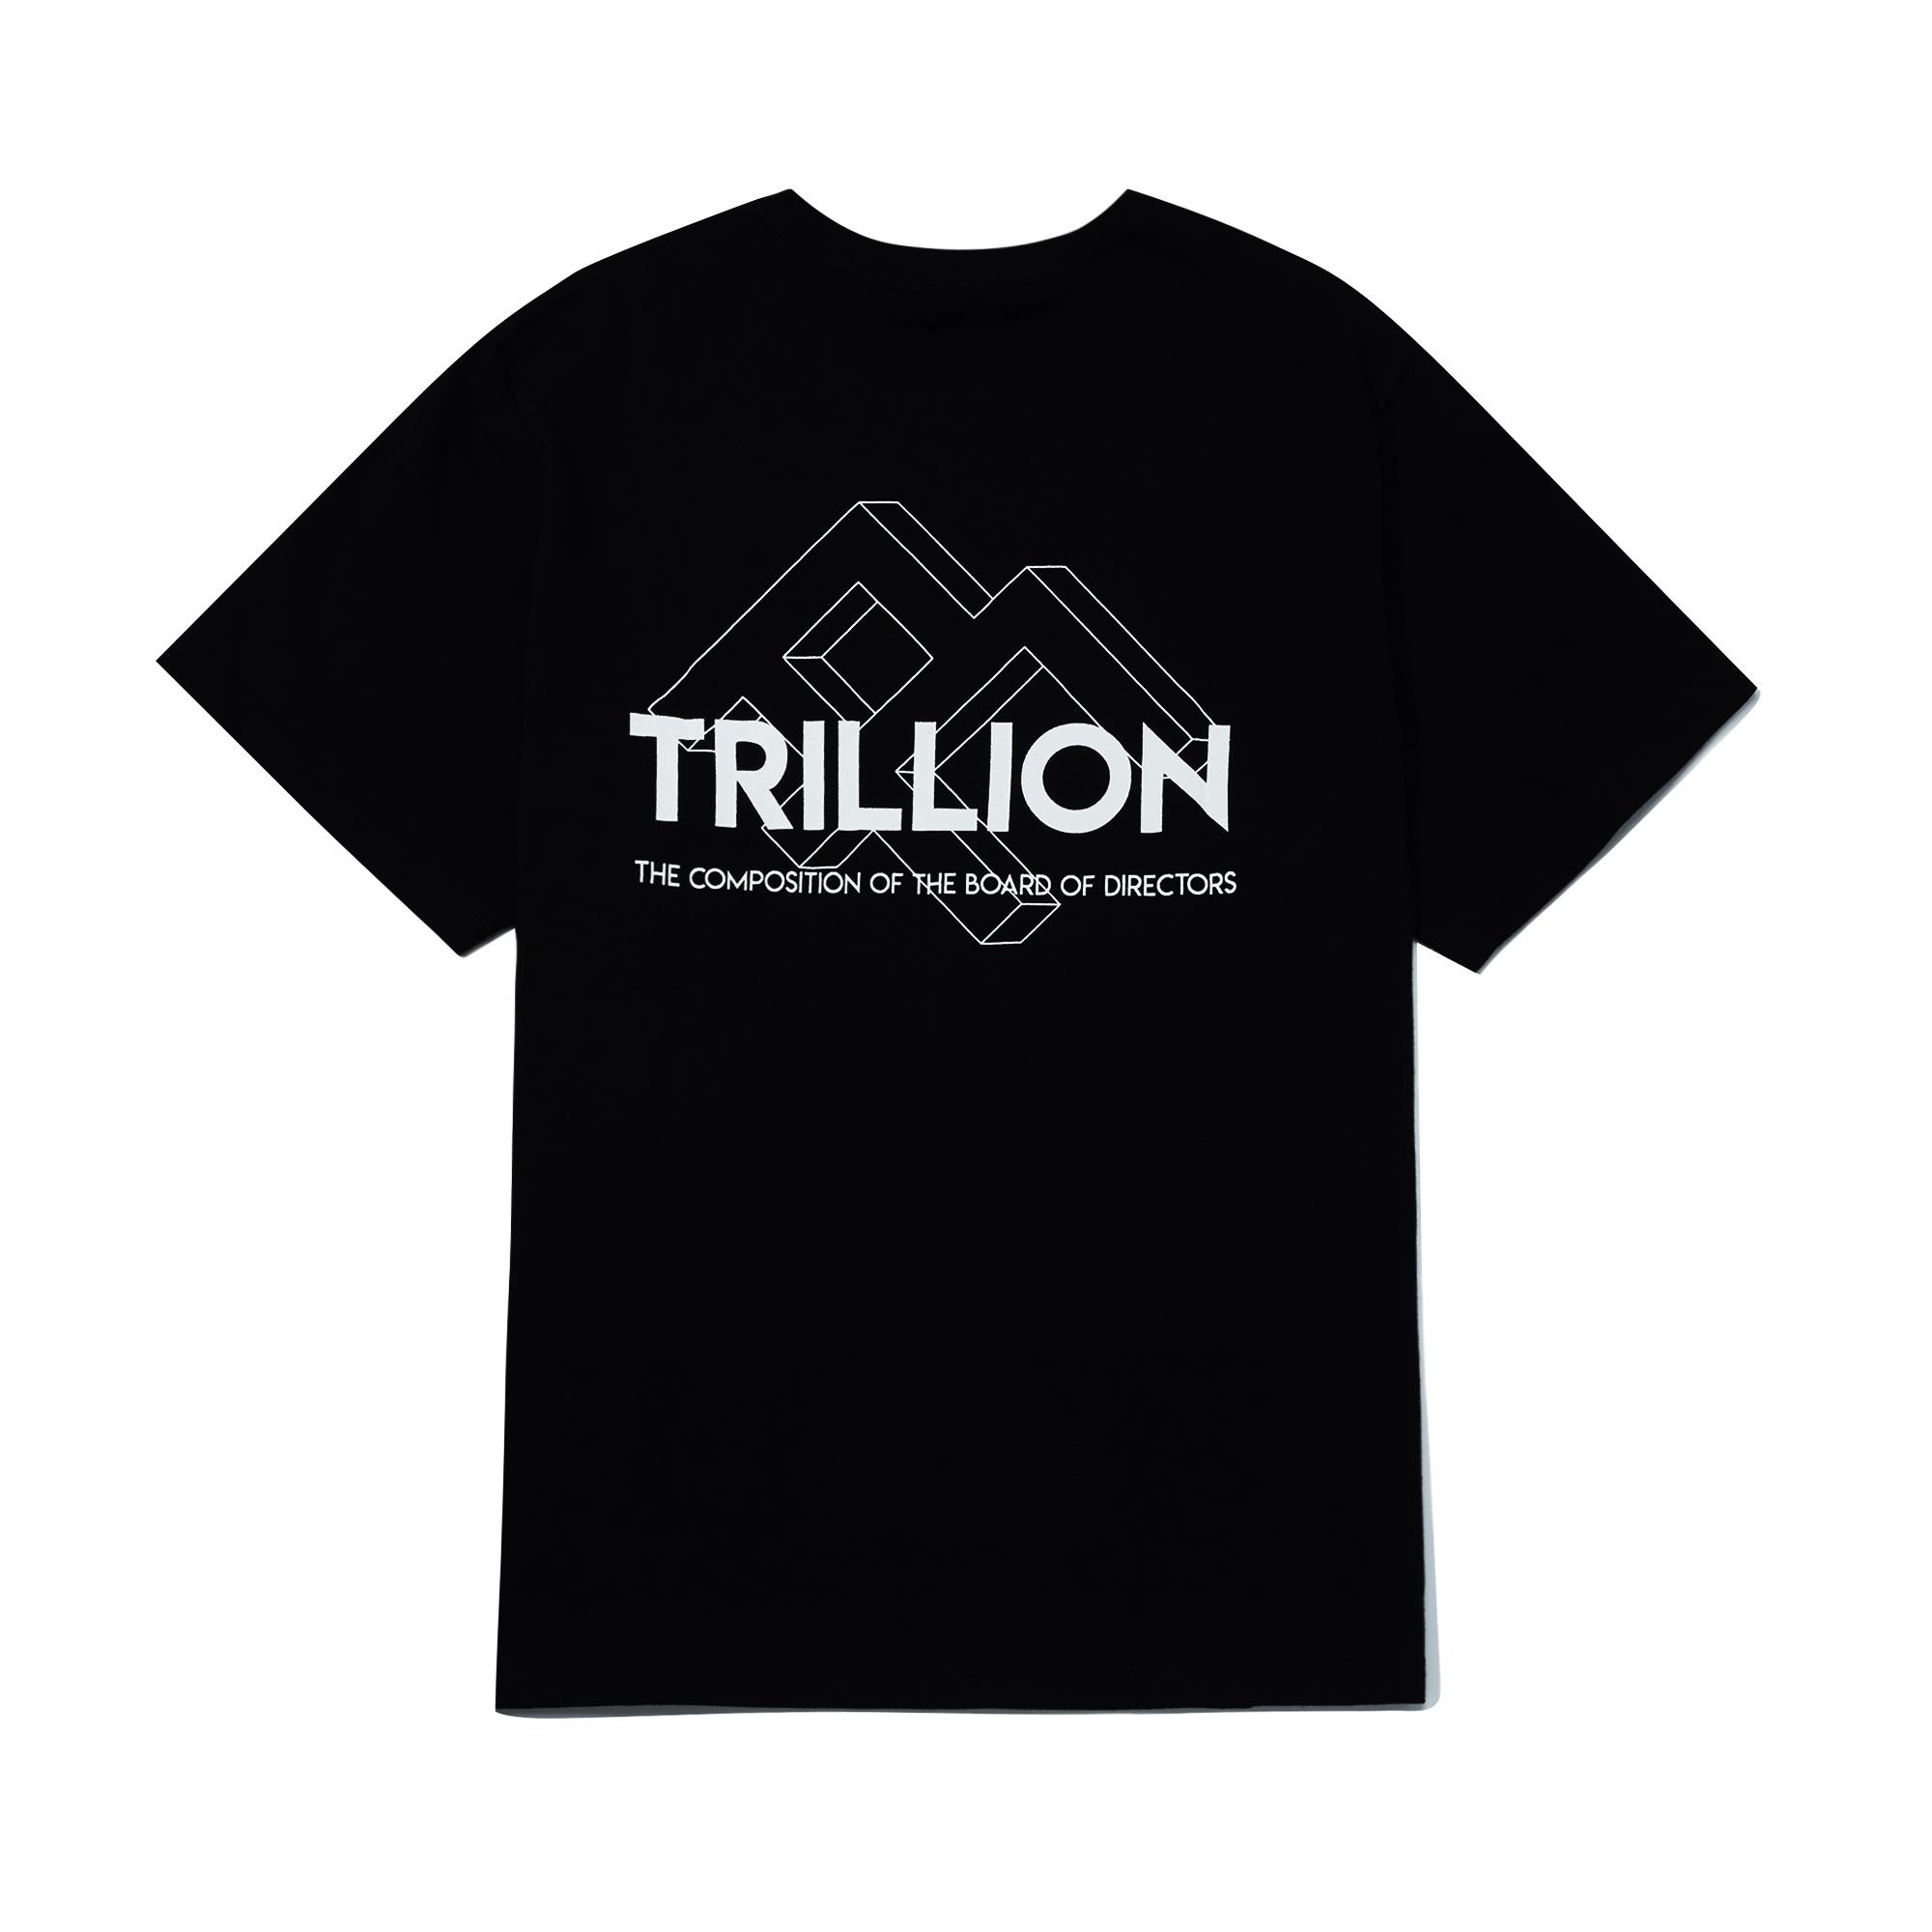 트릴리온 스퀘어 로고 오버핏 반팔 티셔츠 BLACK - IN8STS010